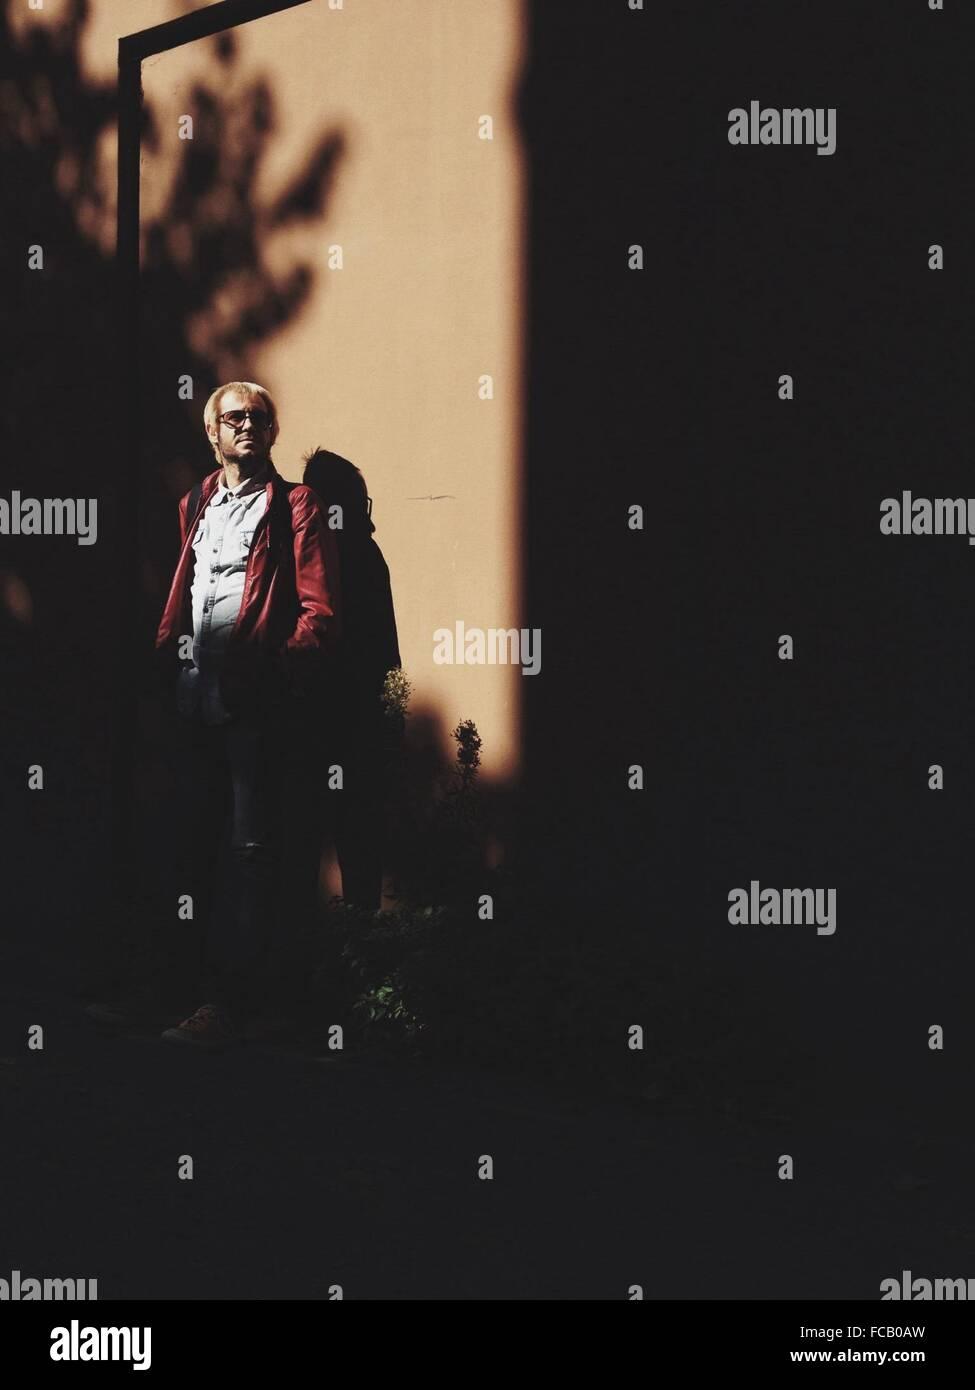 Toute la longueur de l'Homme debout à Street Photo Stock